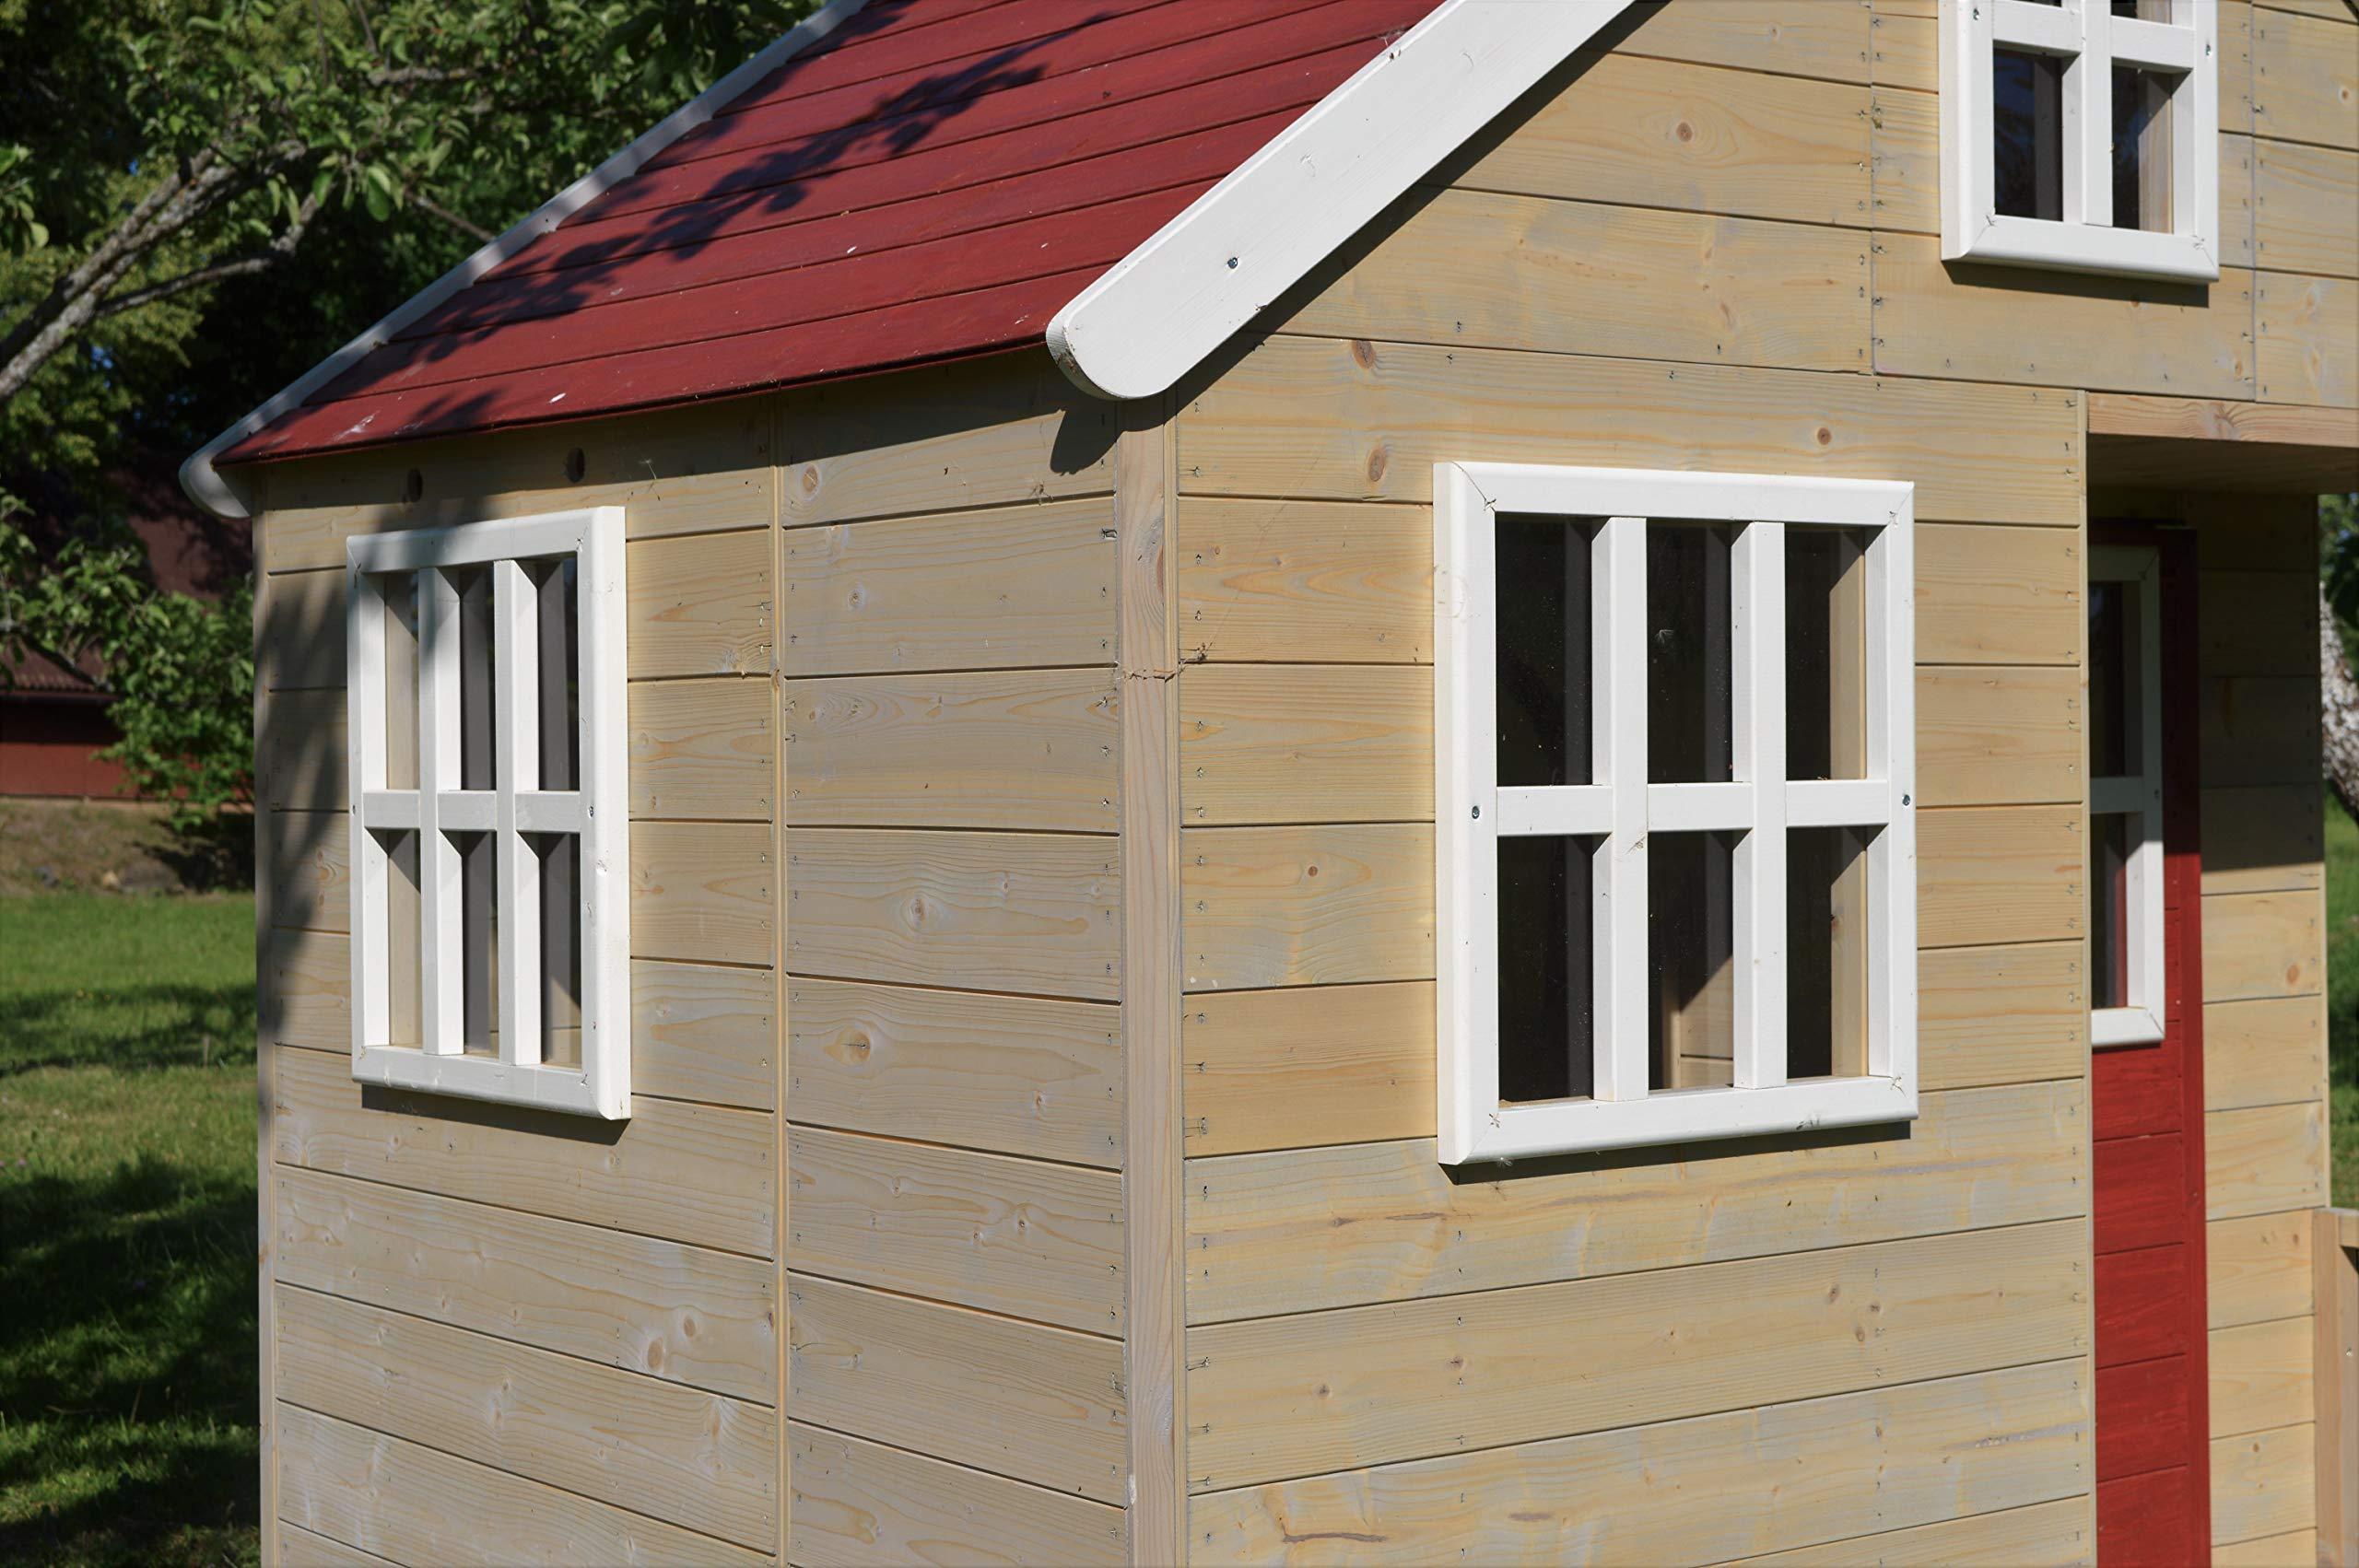 Casette Per Bambini In Legno : Wendi toys casetta per bambini in legno villa nordica per giardino